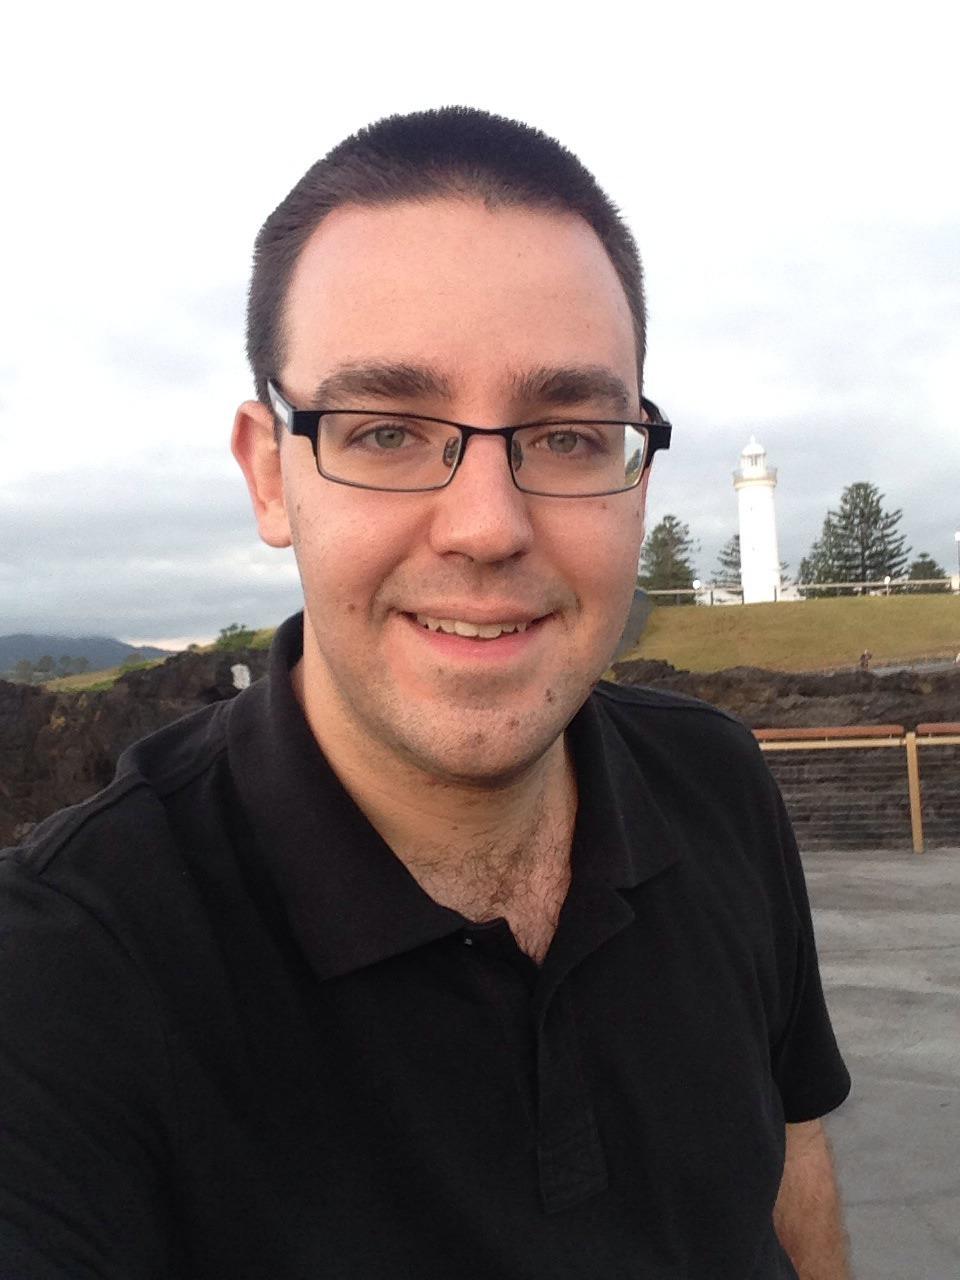 BrendanR85's Profile Picture